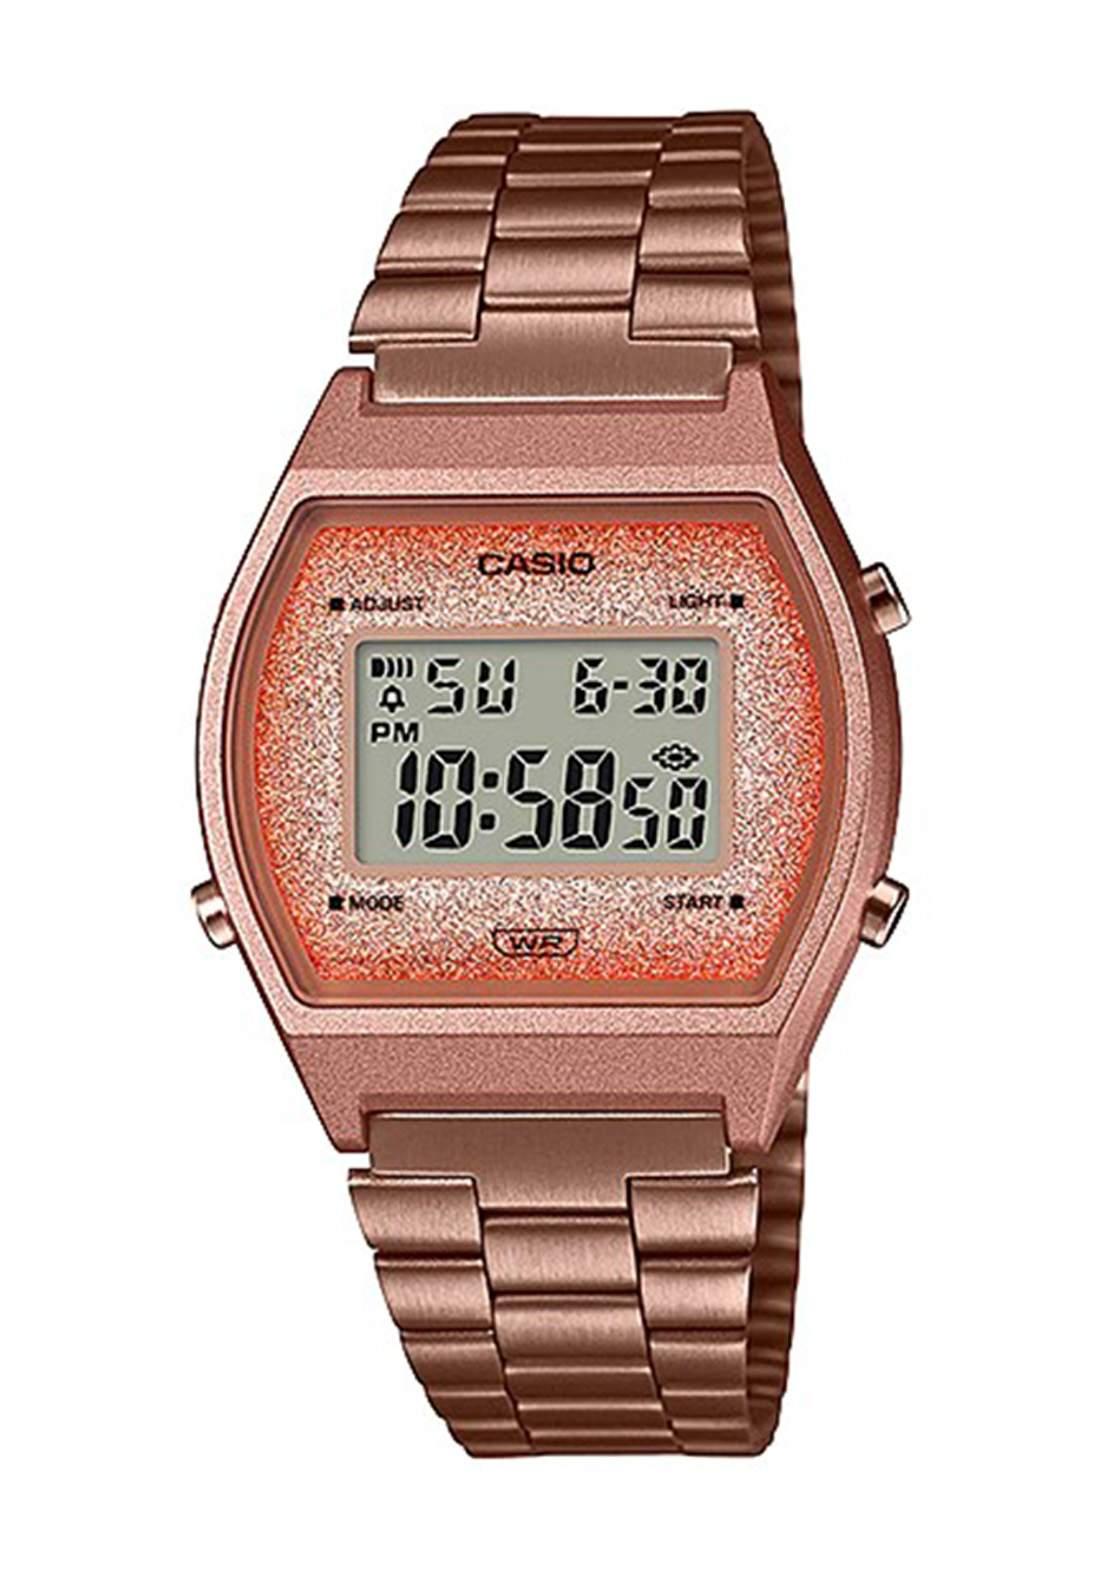 Casio B640WCG-5DF Women's Watch (ROSE GOLD) ساعة نسائية